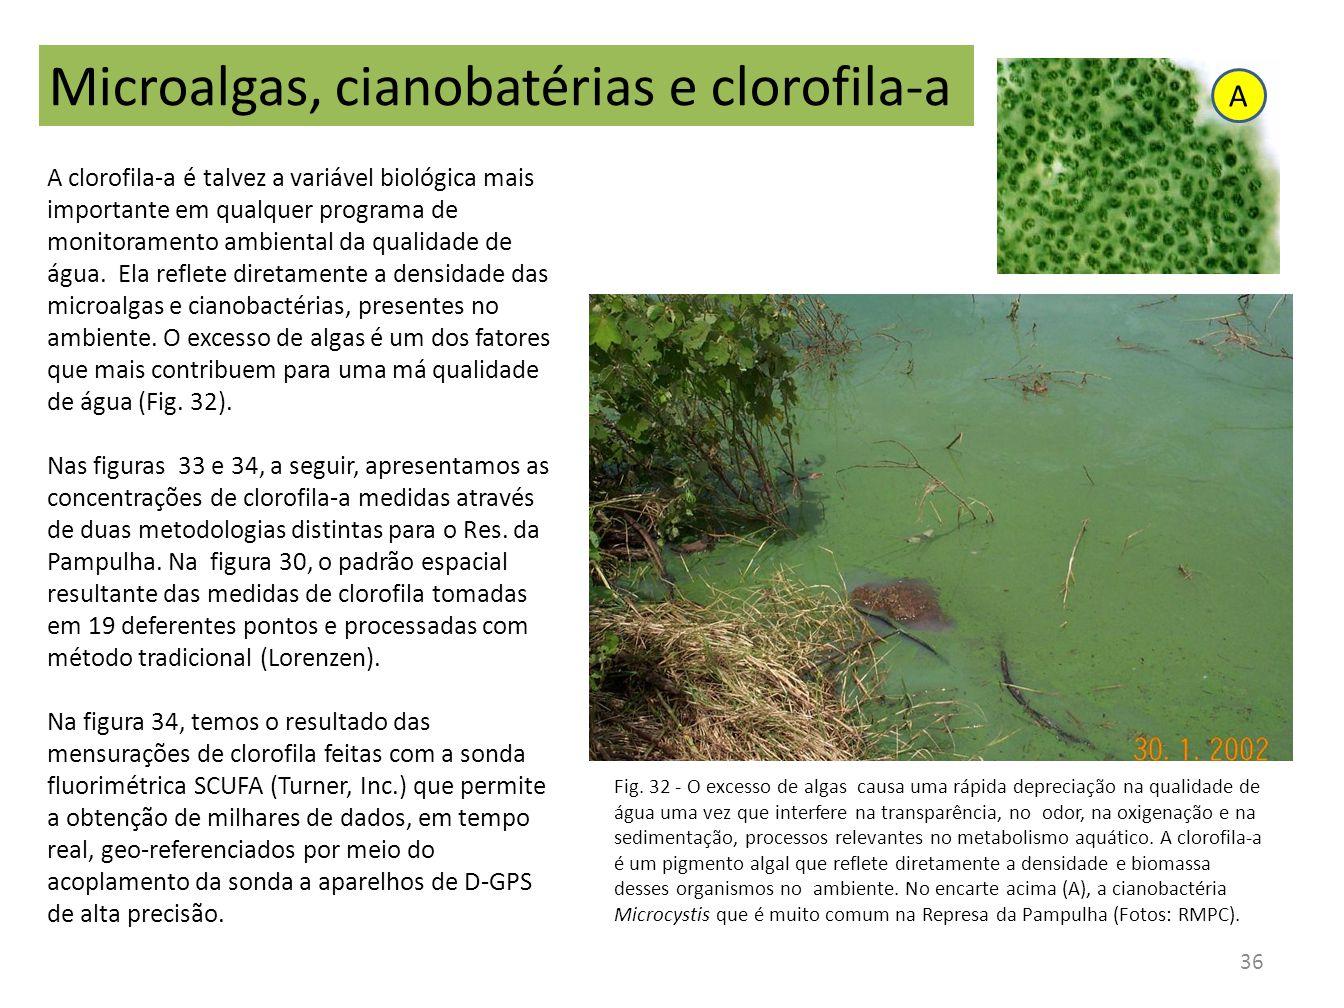 Microalgas, cianobatérias e clorofila-a A clorofila-a é talvez a variável biológica mais importante em qualquer programa de monitoramento ambiental da